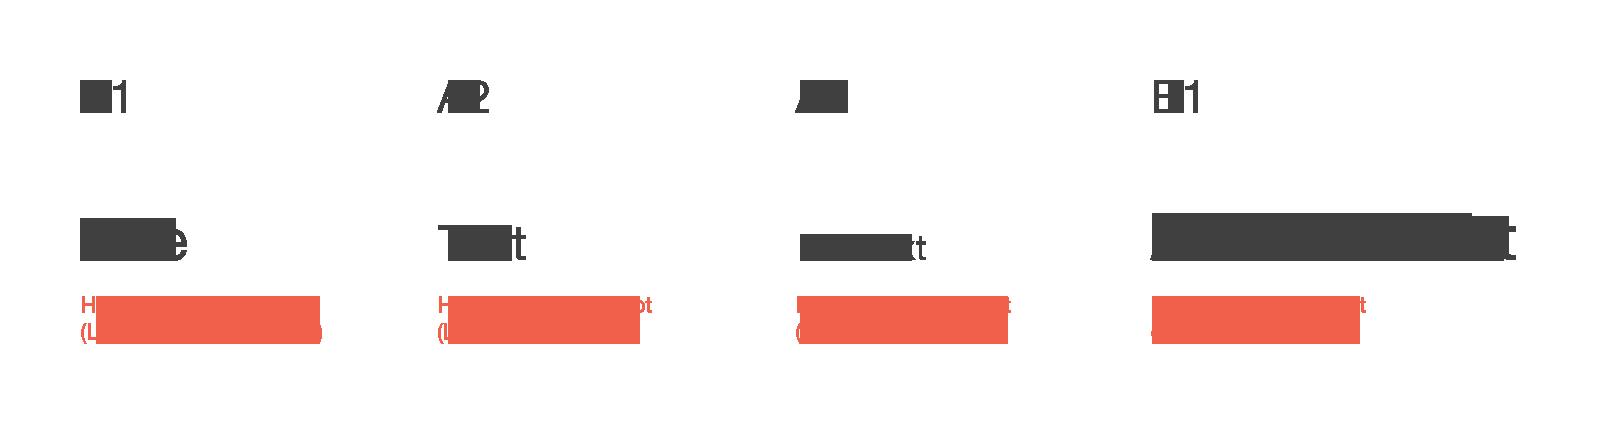 Стилизация iOS-приложений: как мы натягиваем шрифты, цвета и изображения - 9